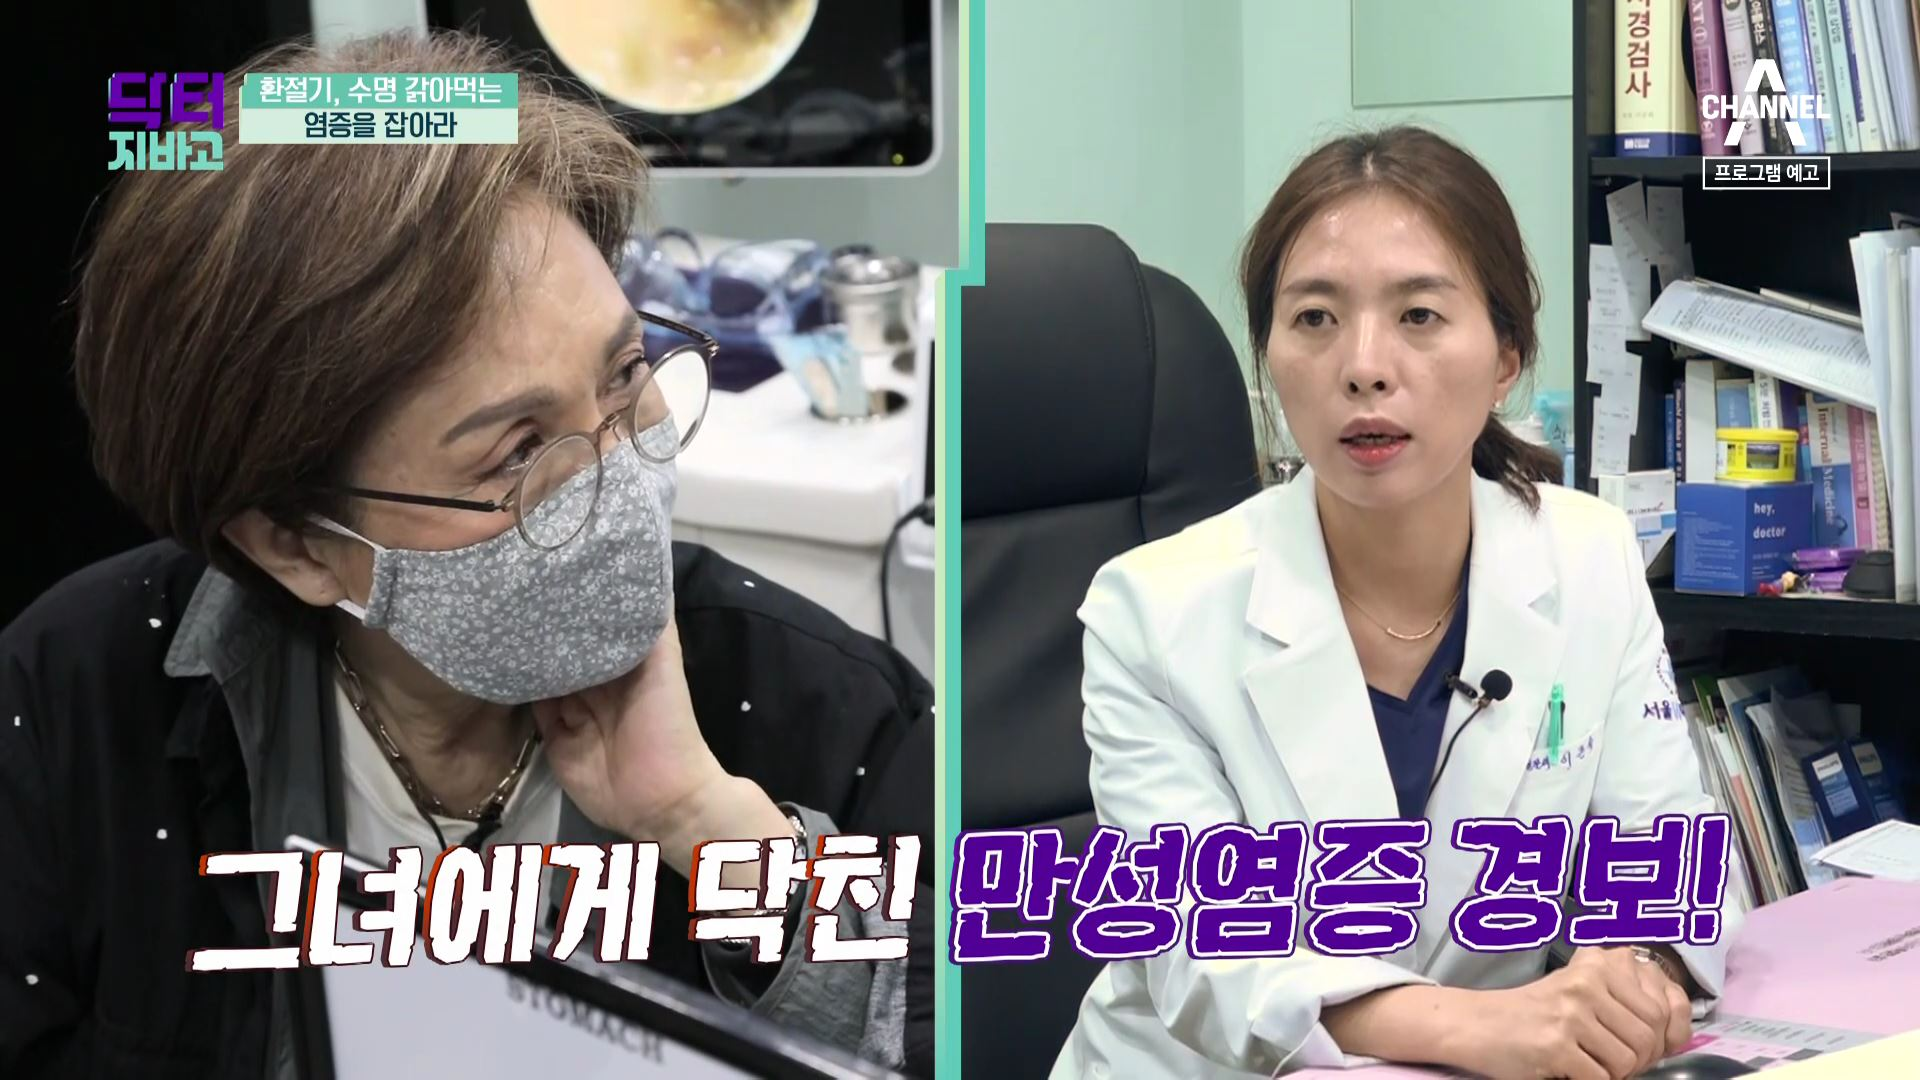 [예고] 환절기, 수명 갉아먹는 염증을 잡아라